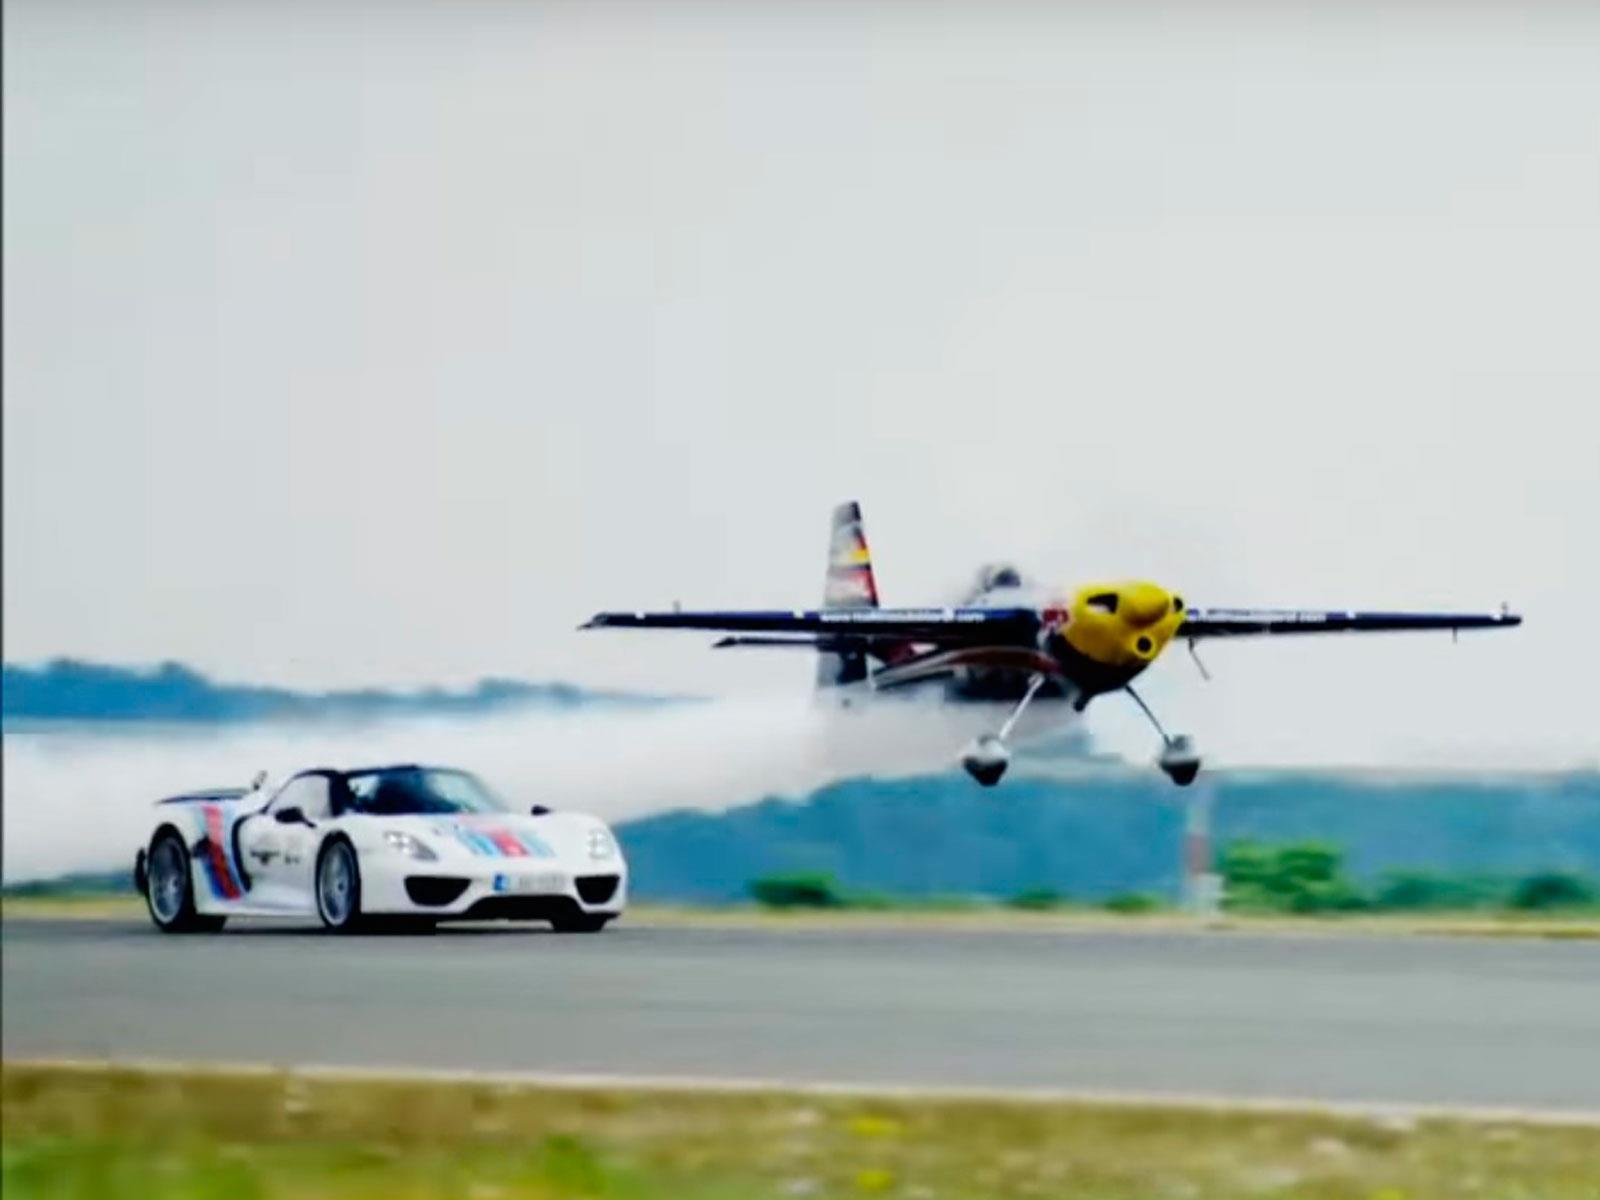 Porsche 918 Spyder Vs. avión ¿quién es más rápido?